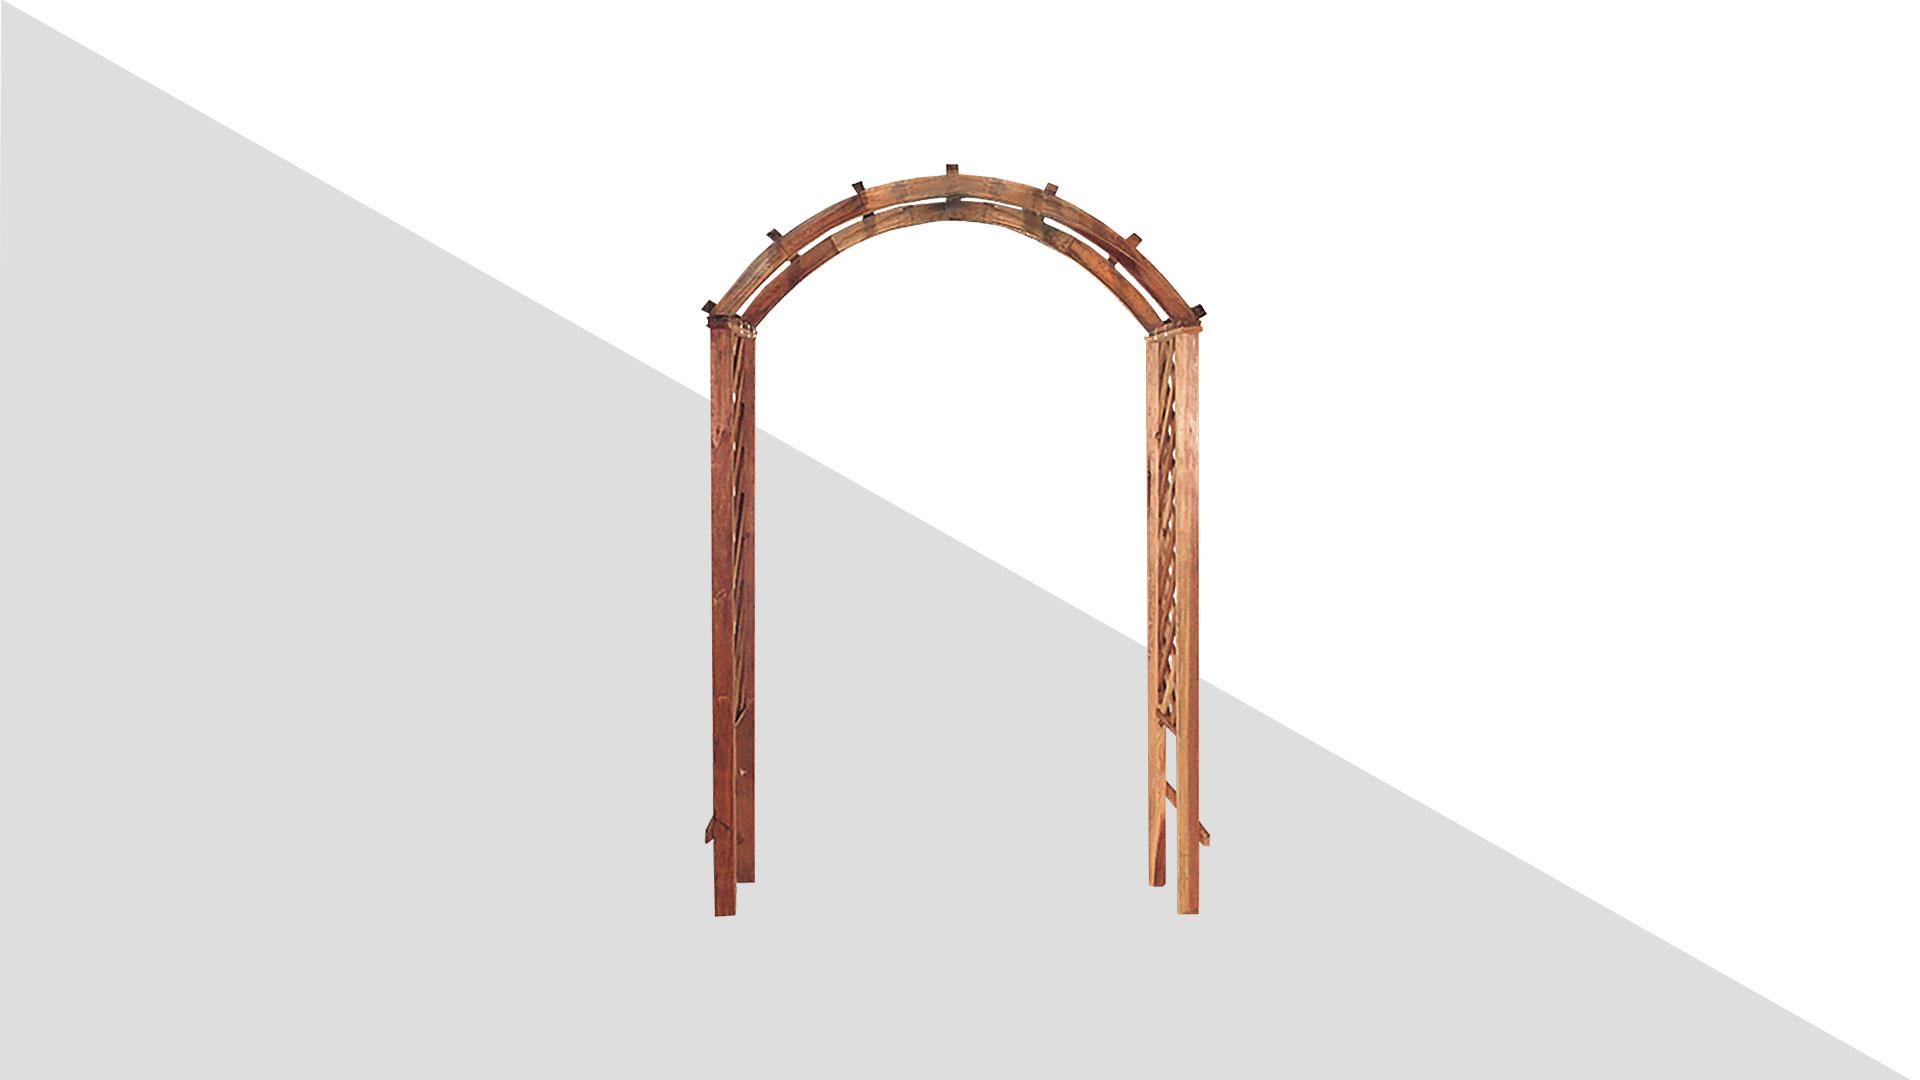 Скачать модель конструкции деревянной арки «Садовый стиль1» для работы вфотошопе